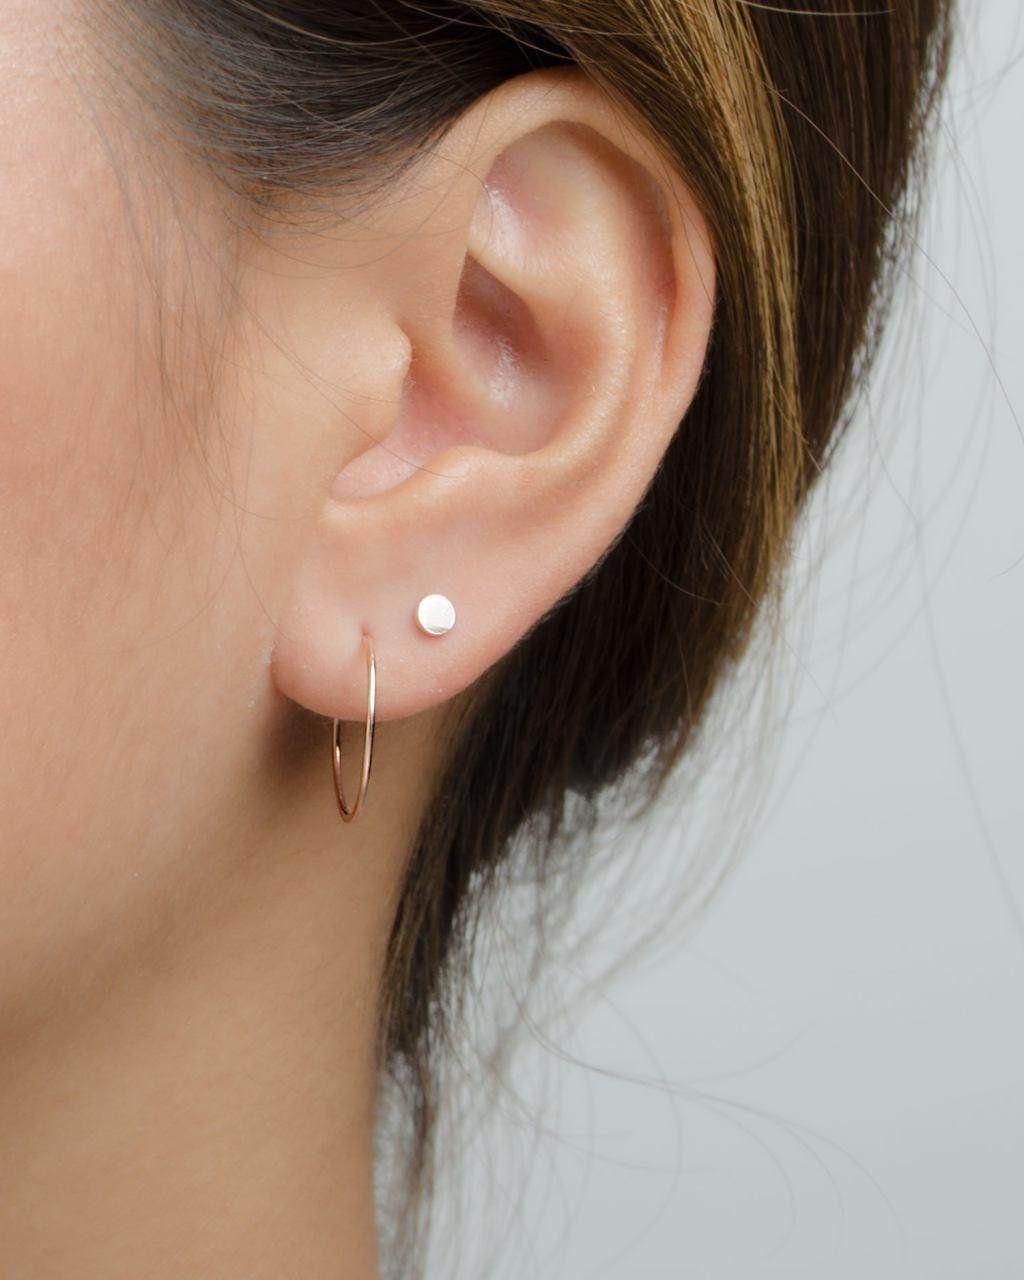 Thin Hoop Earrings - Dainty Hoop Earrings - Bridesmaid Gift - Classic Hoops - Simple Hoop Earrings - Huggie Hoops - Gold Hoop - EAR002